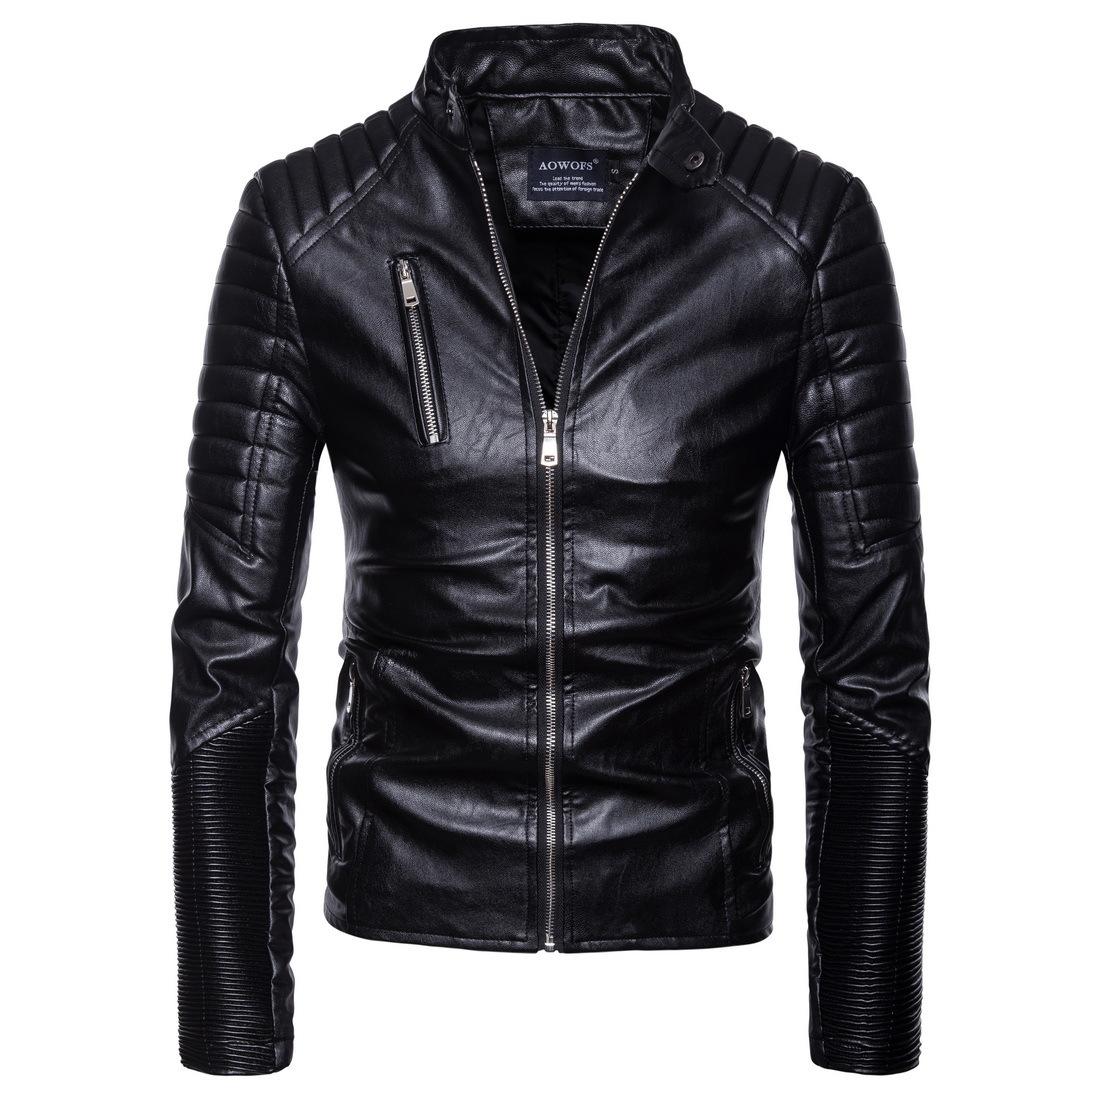 【欧码】亚马逊精品朋克男装机车多拉链皮衣摩托皮衣夹克外套B032